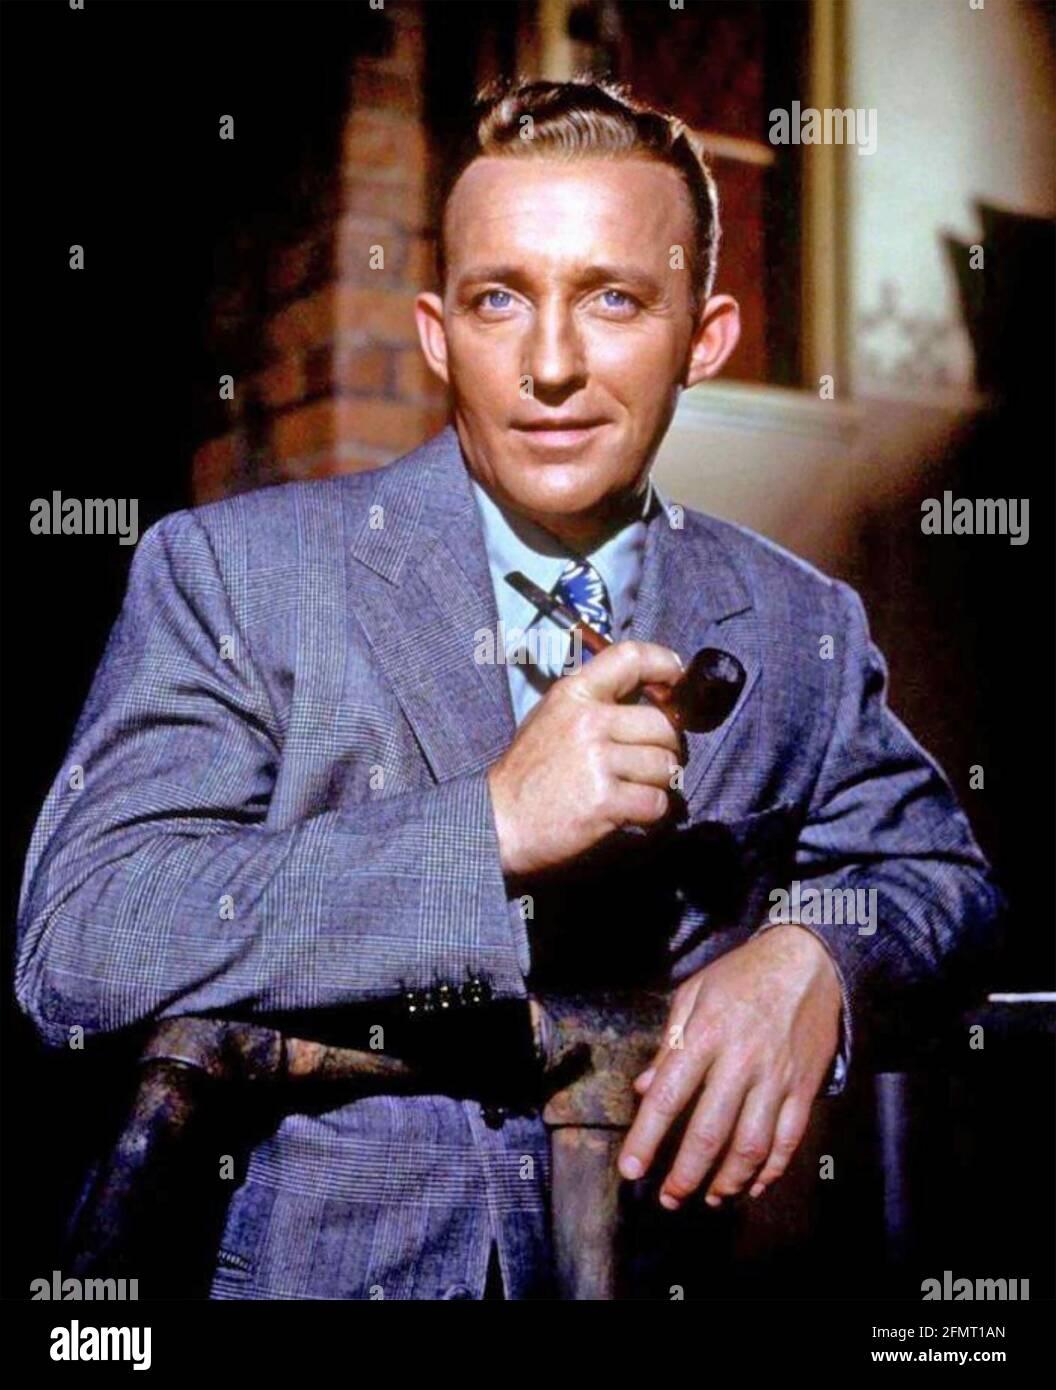 BING CROSBY (1903-1977) américain, chanteur et acteur de cinéma vers 1950 Banque D'Images